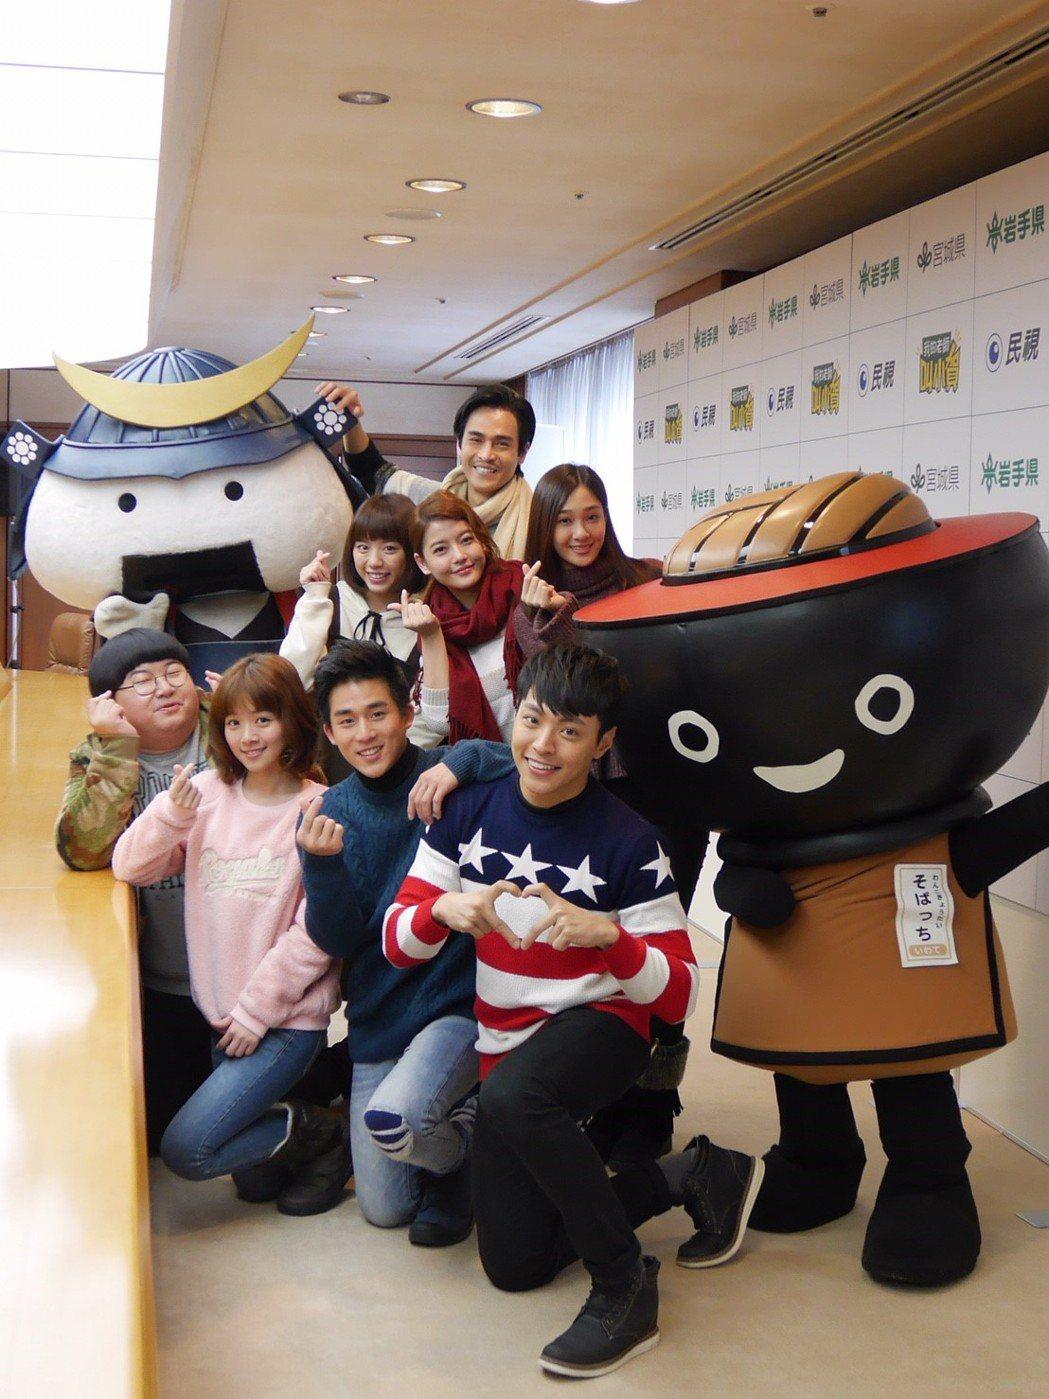 「我的老師叫小賀」劇組演員和宮城、岩手吉祥物飯糰丸君、蕎麥弟合照。圖/民視提供